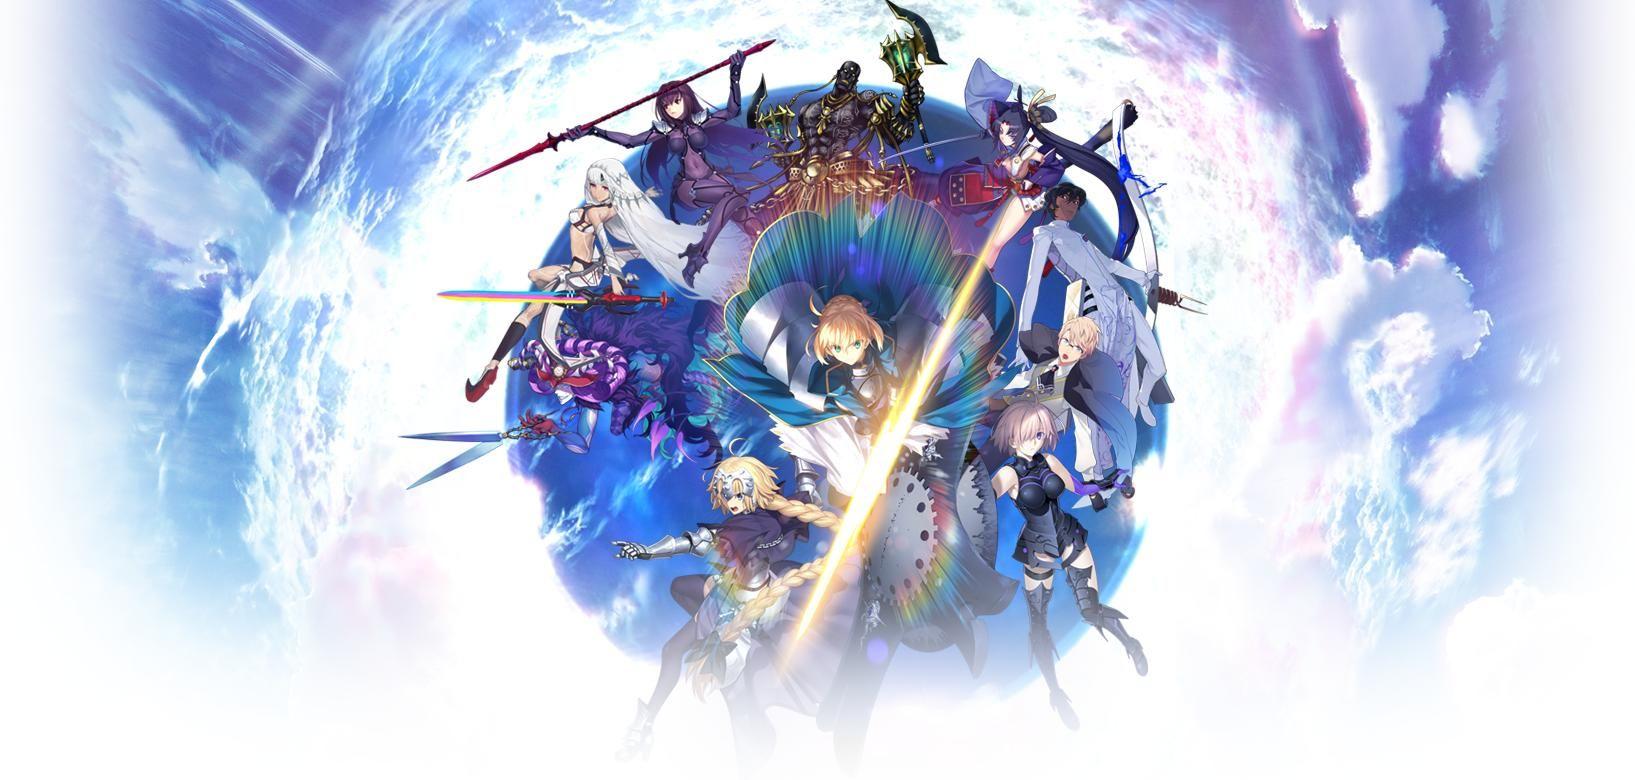 Fate Grand Order Quartz Hack Cheats Fategrandorder Fatego Fgo Fate イラスト 壁紙